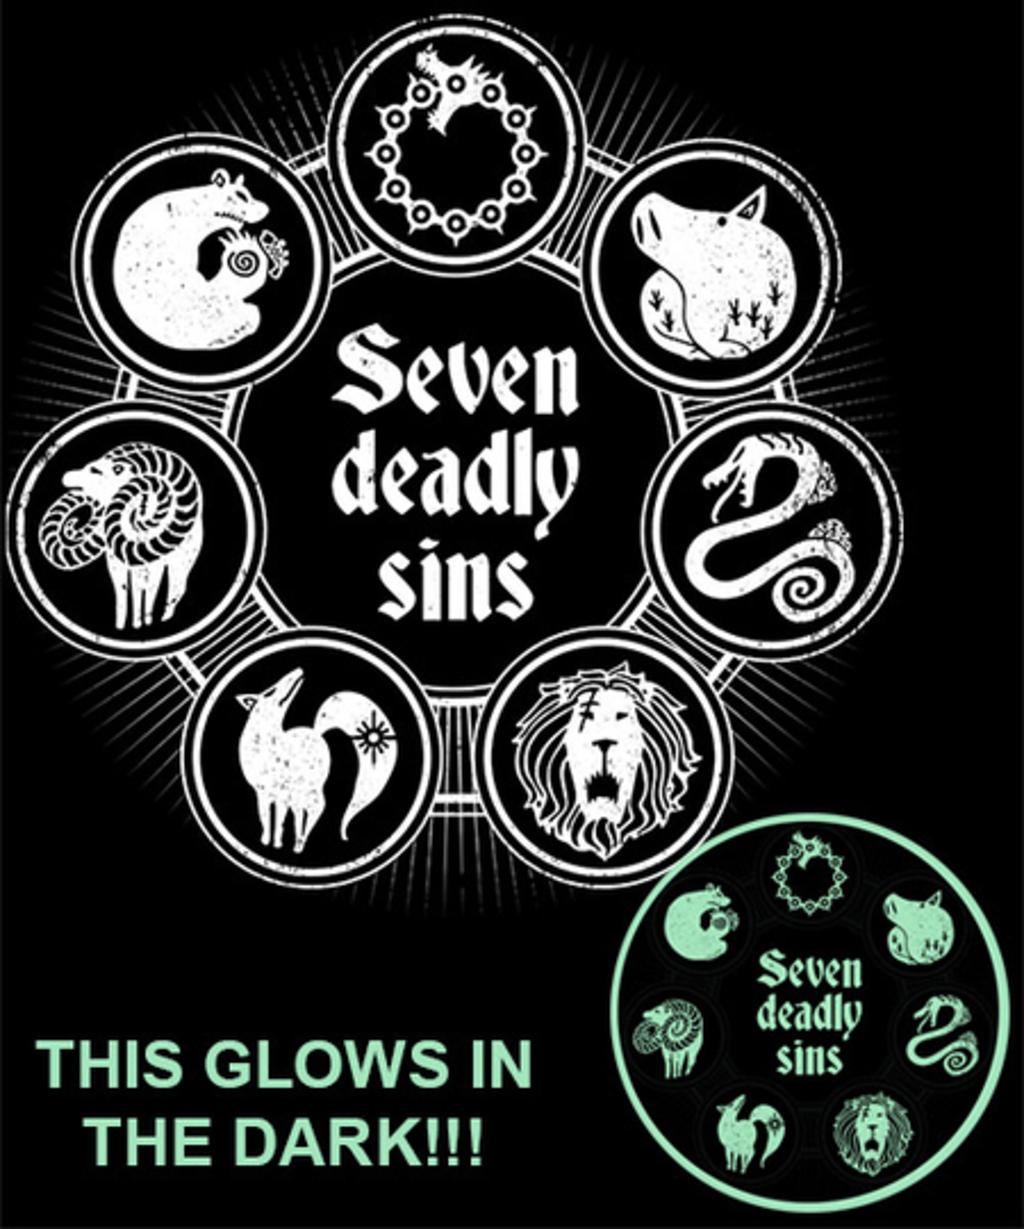 Qwertee: Seven deadly sins